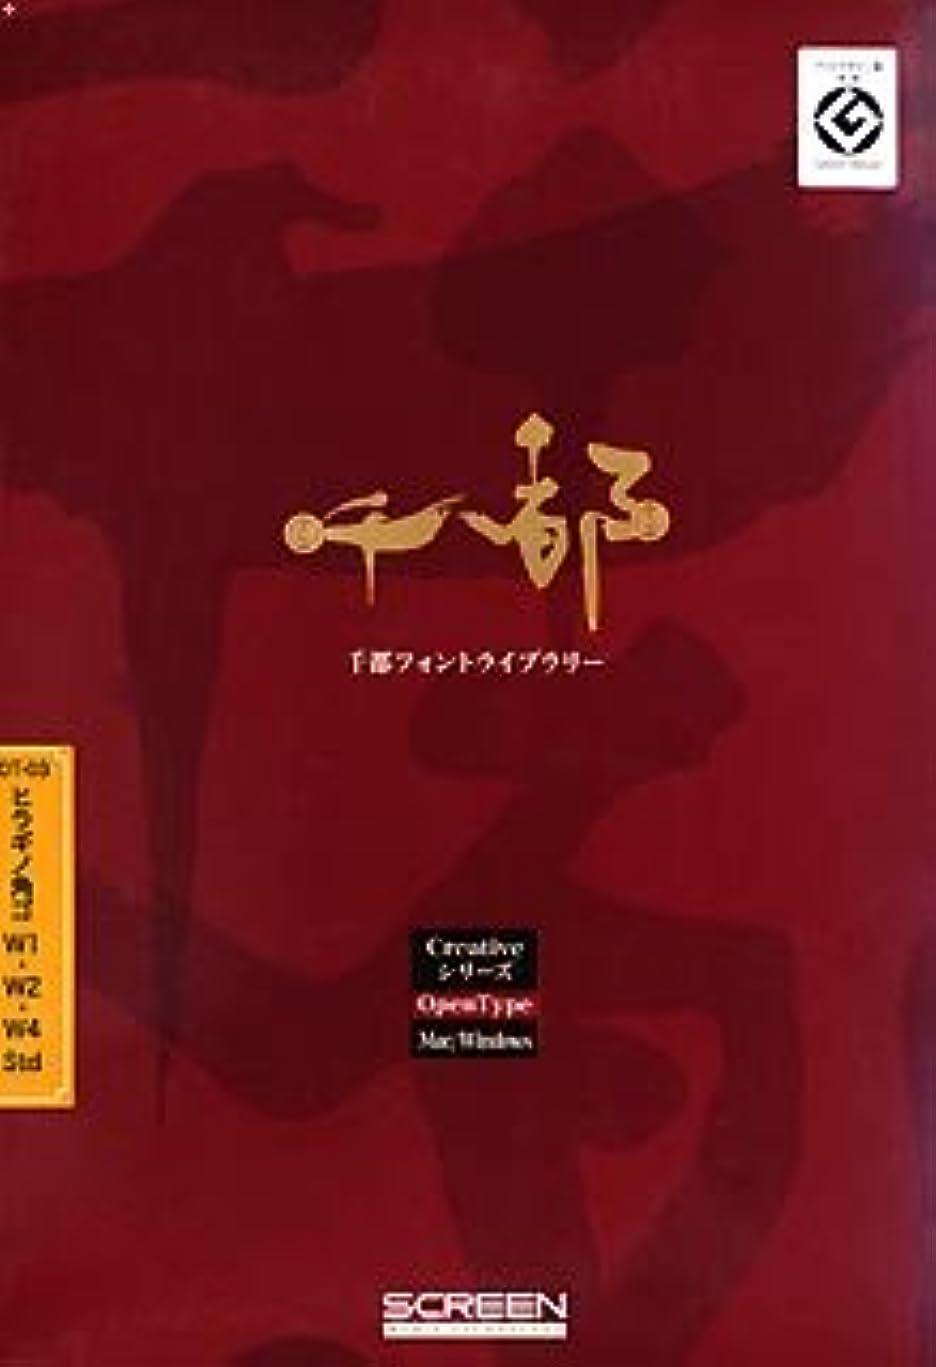 更新する仕立て屋確認してください千都フォントライブラリー Creativeシリーズ OpenType OT-03 ヒラギノ角ゴ W1/W2/W4 Std